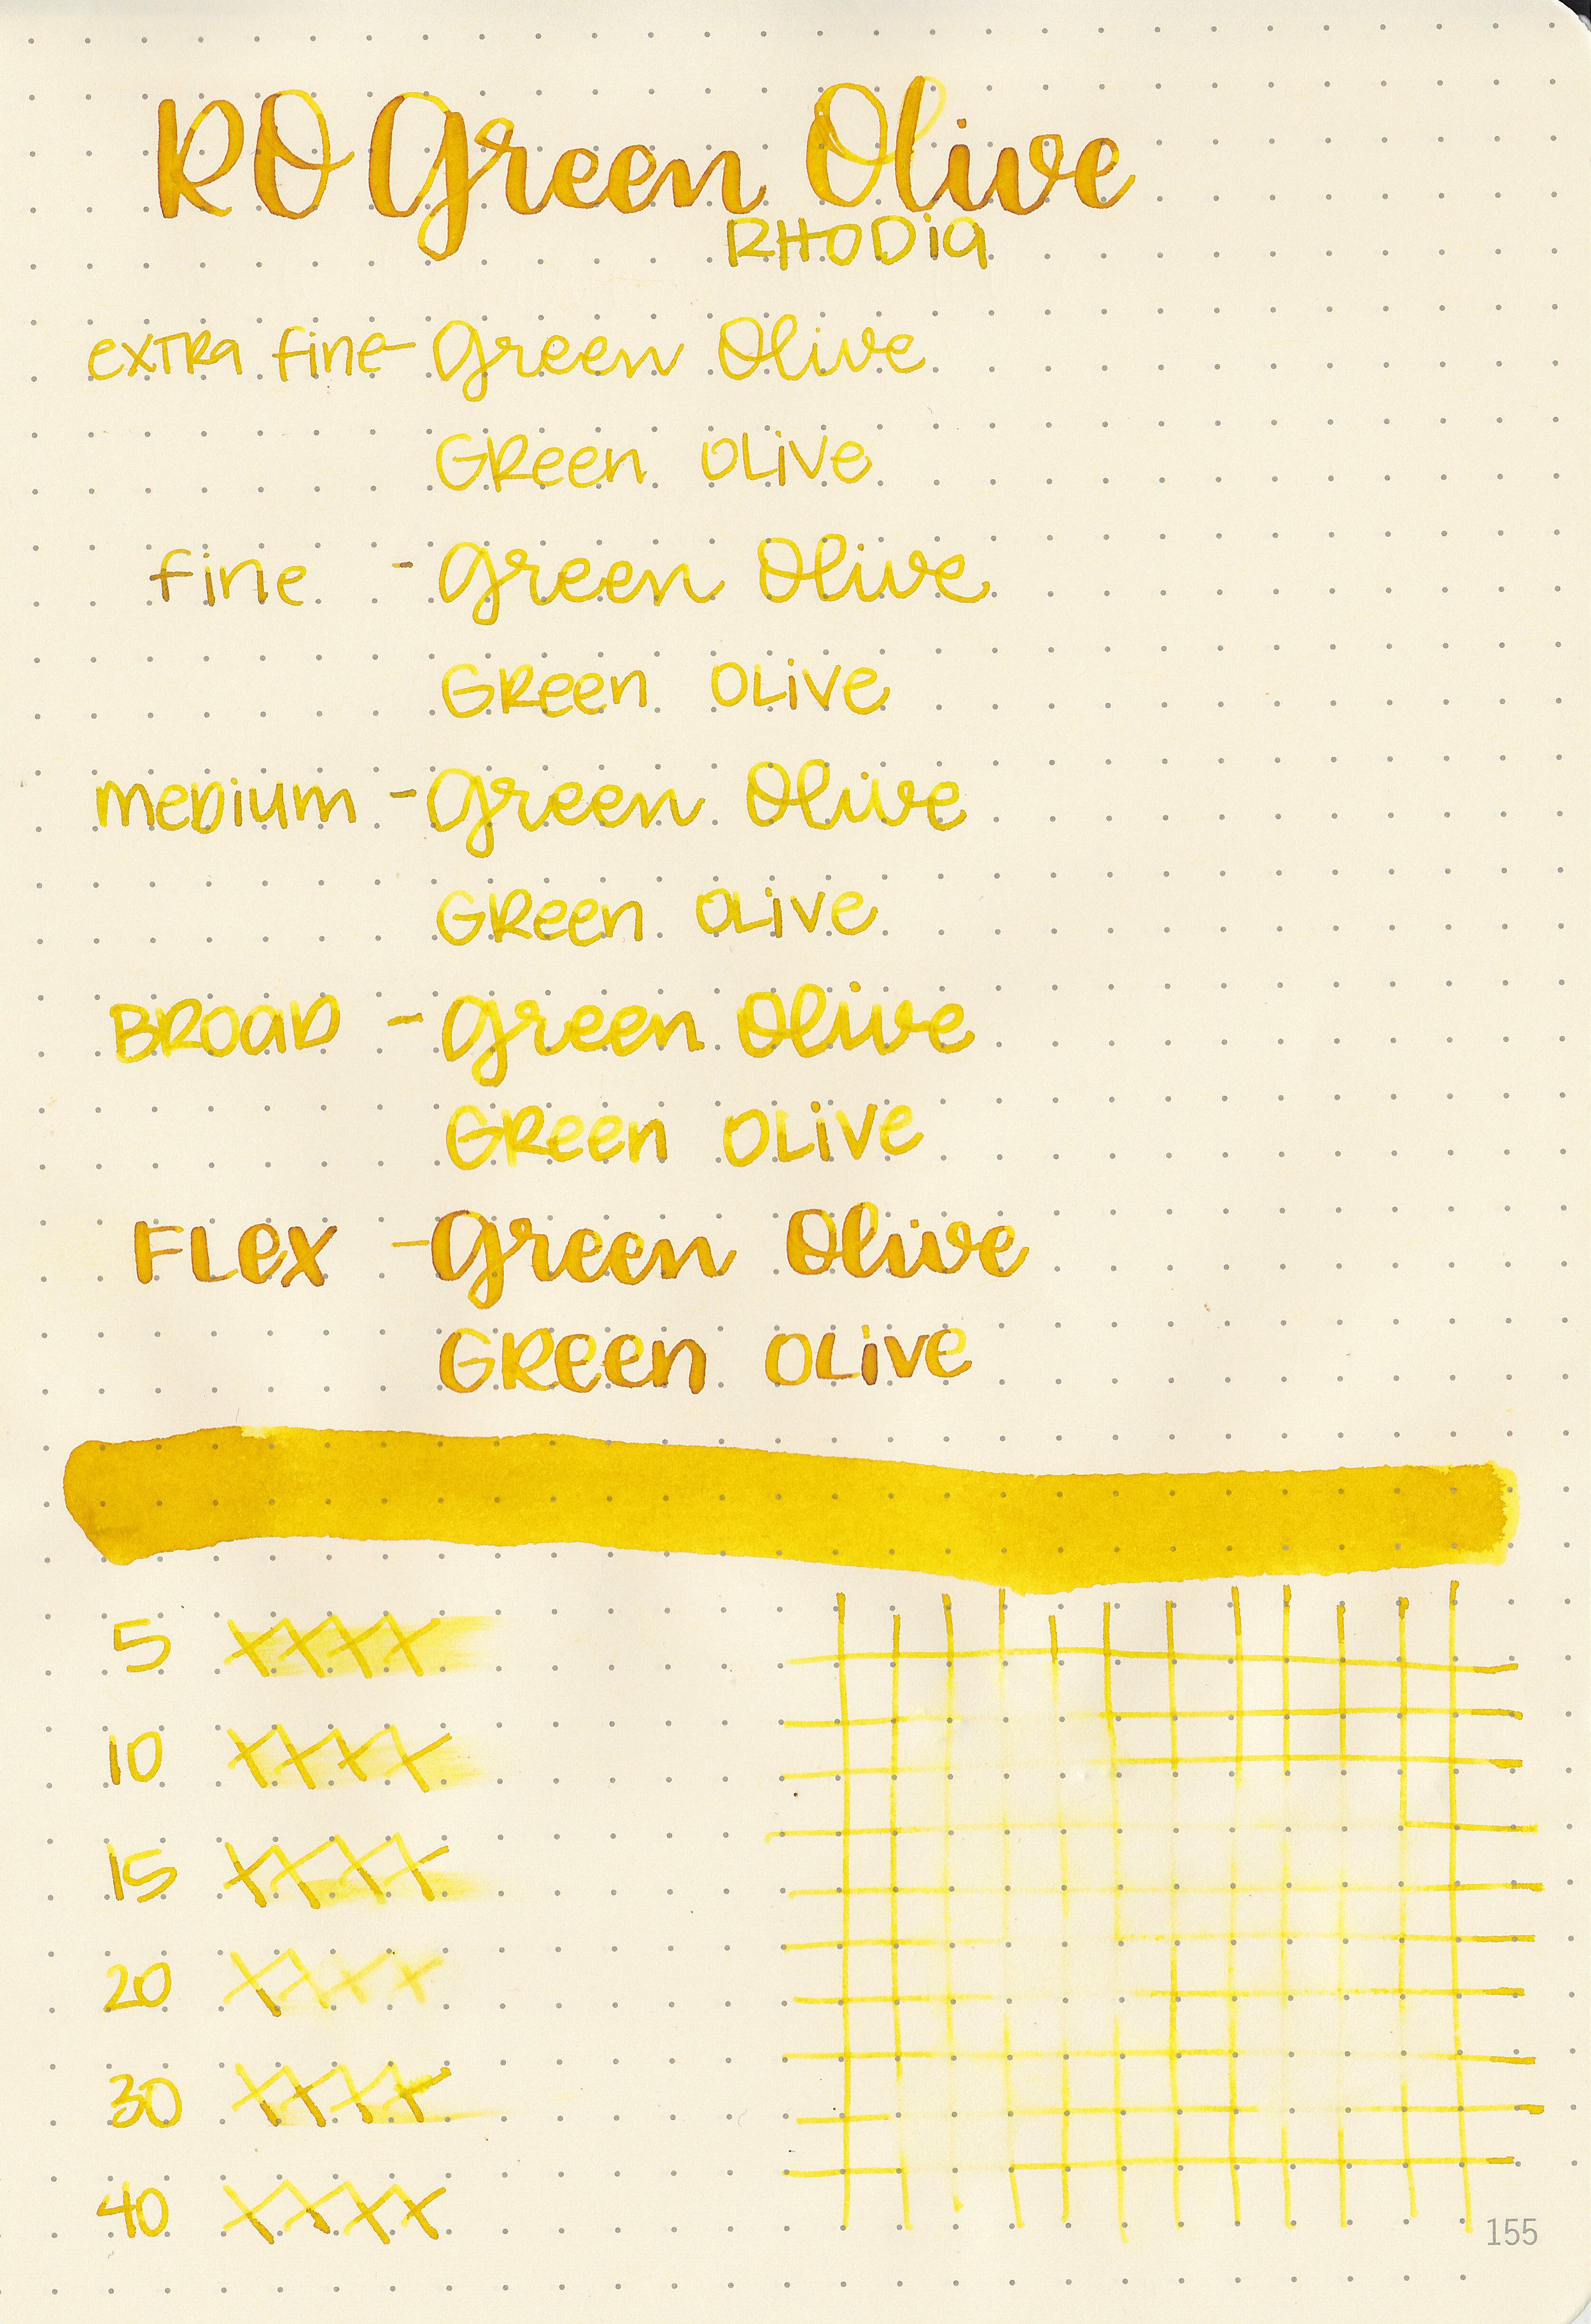 ro-green-olive-6.jpg